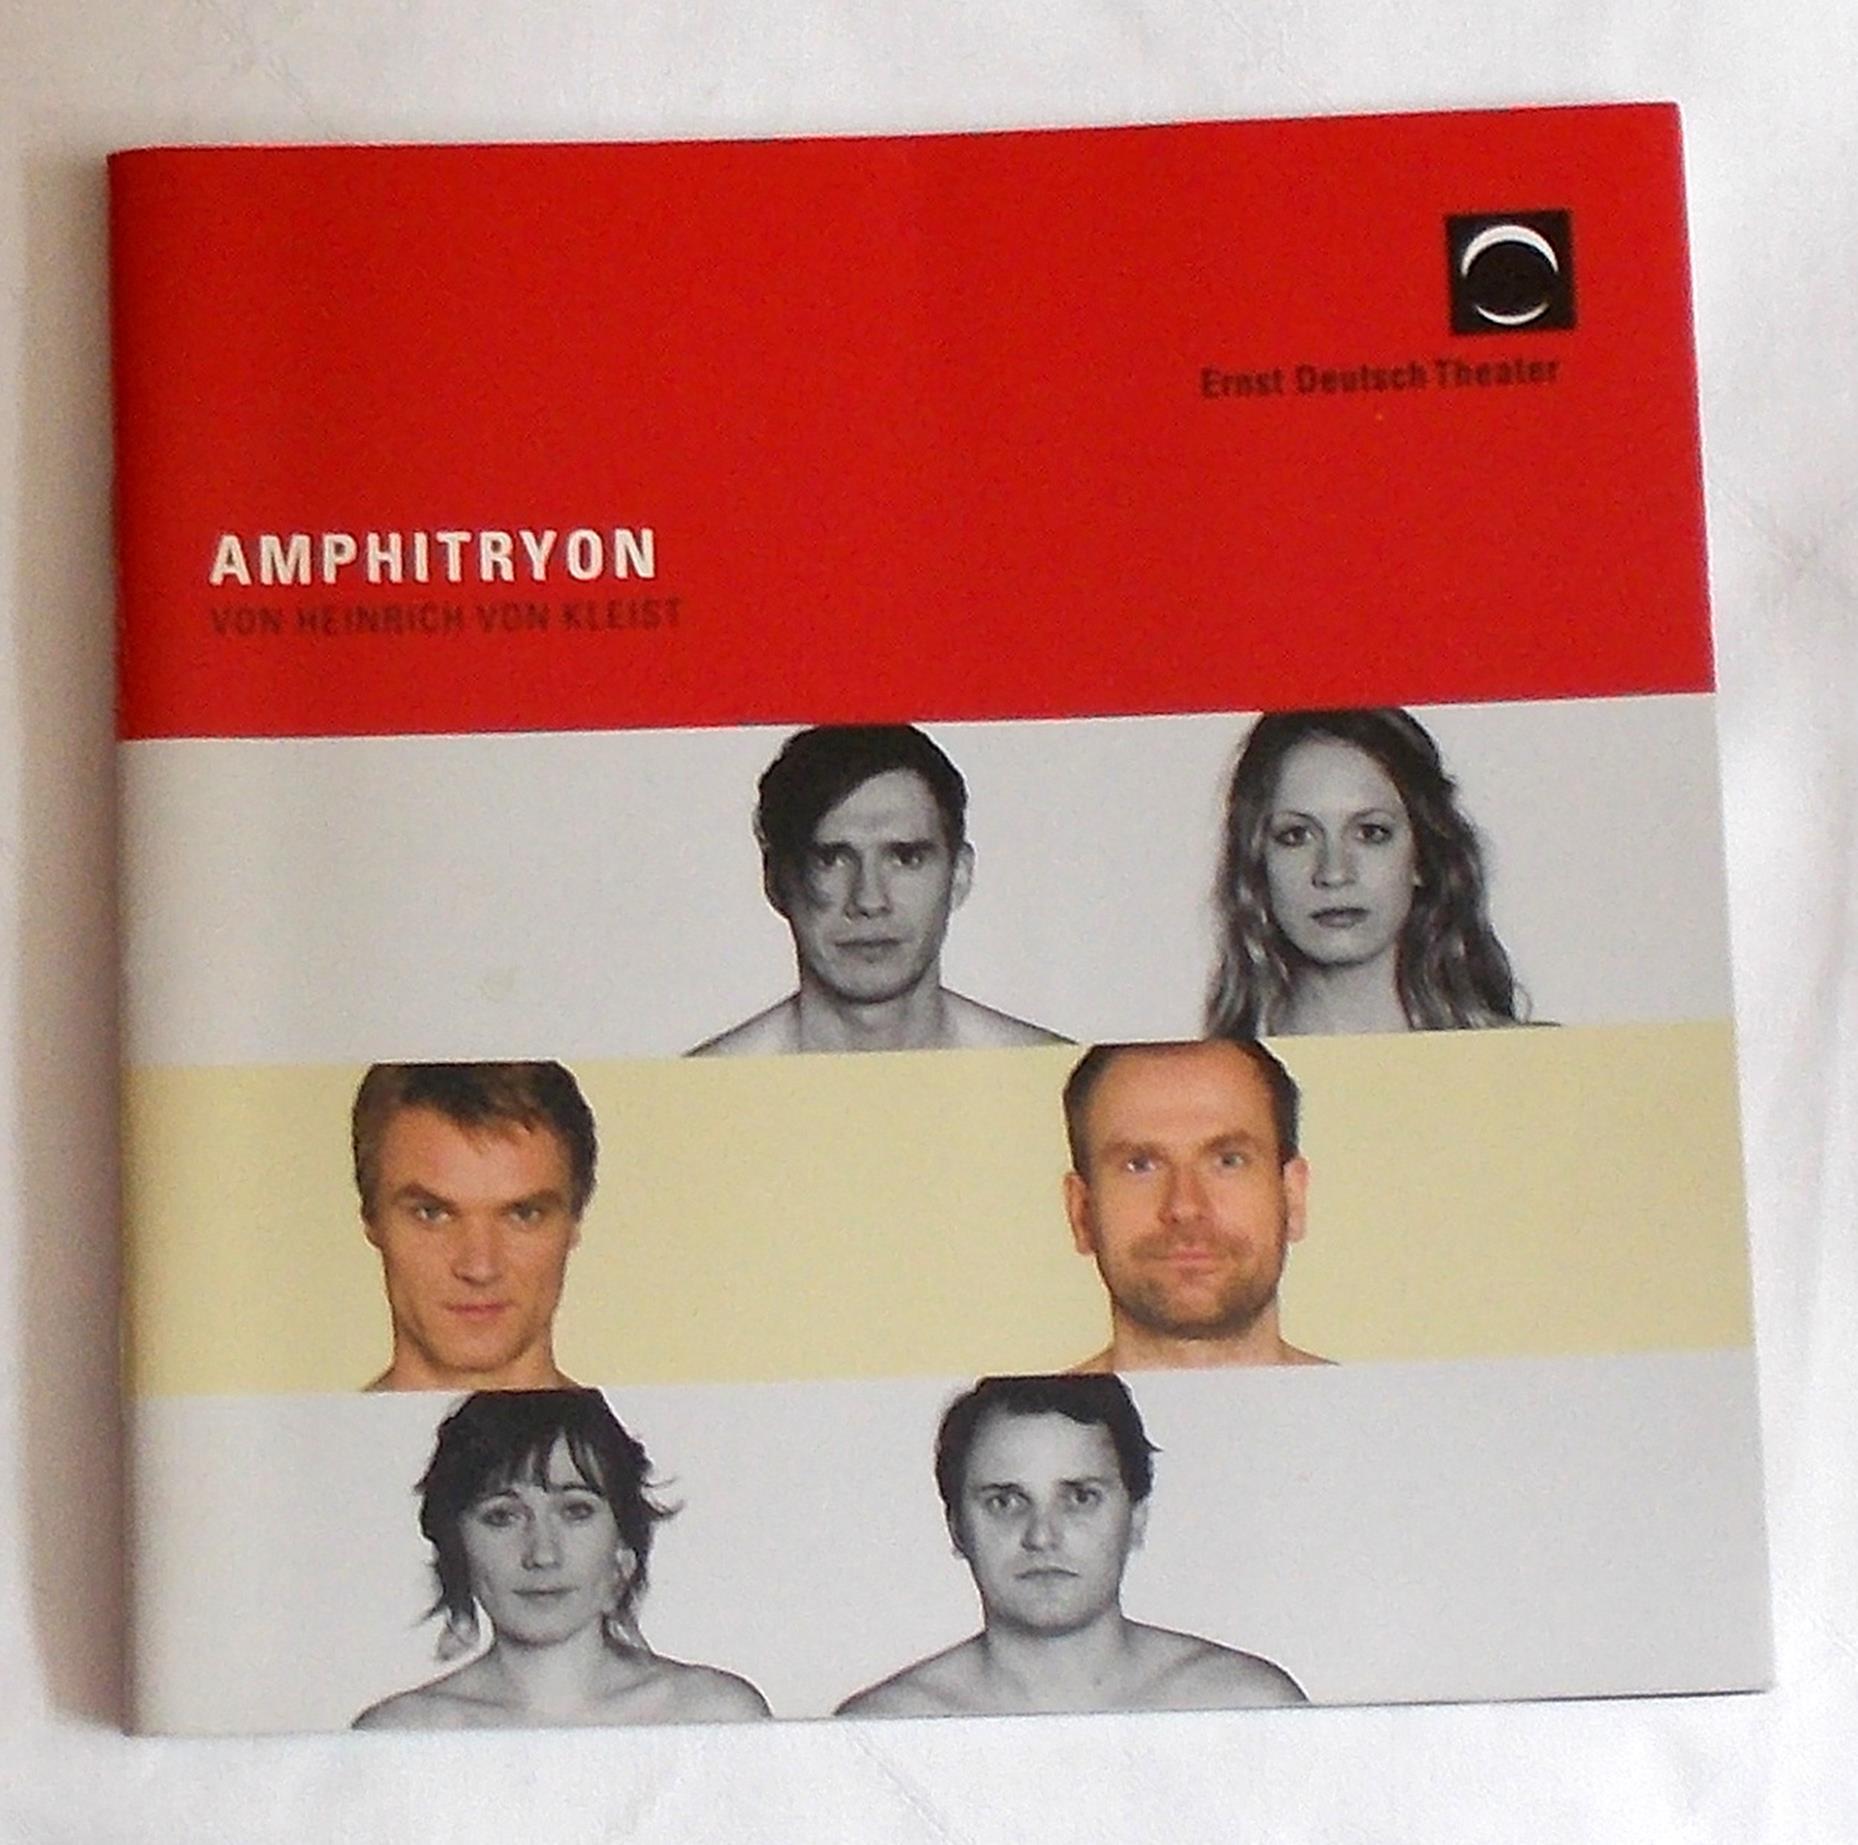 Programmheft AMPHITRYON von Heinrich von Kleist Ernst Deutsch Theater 2011